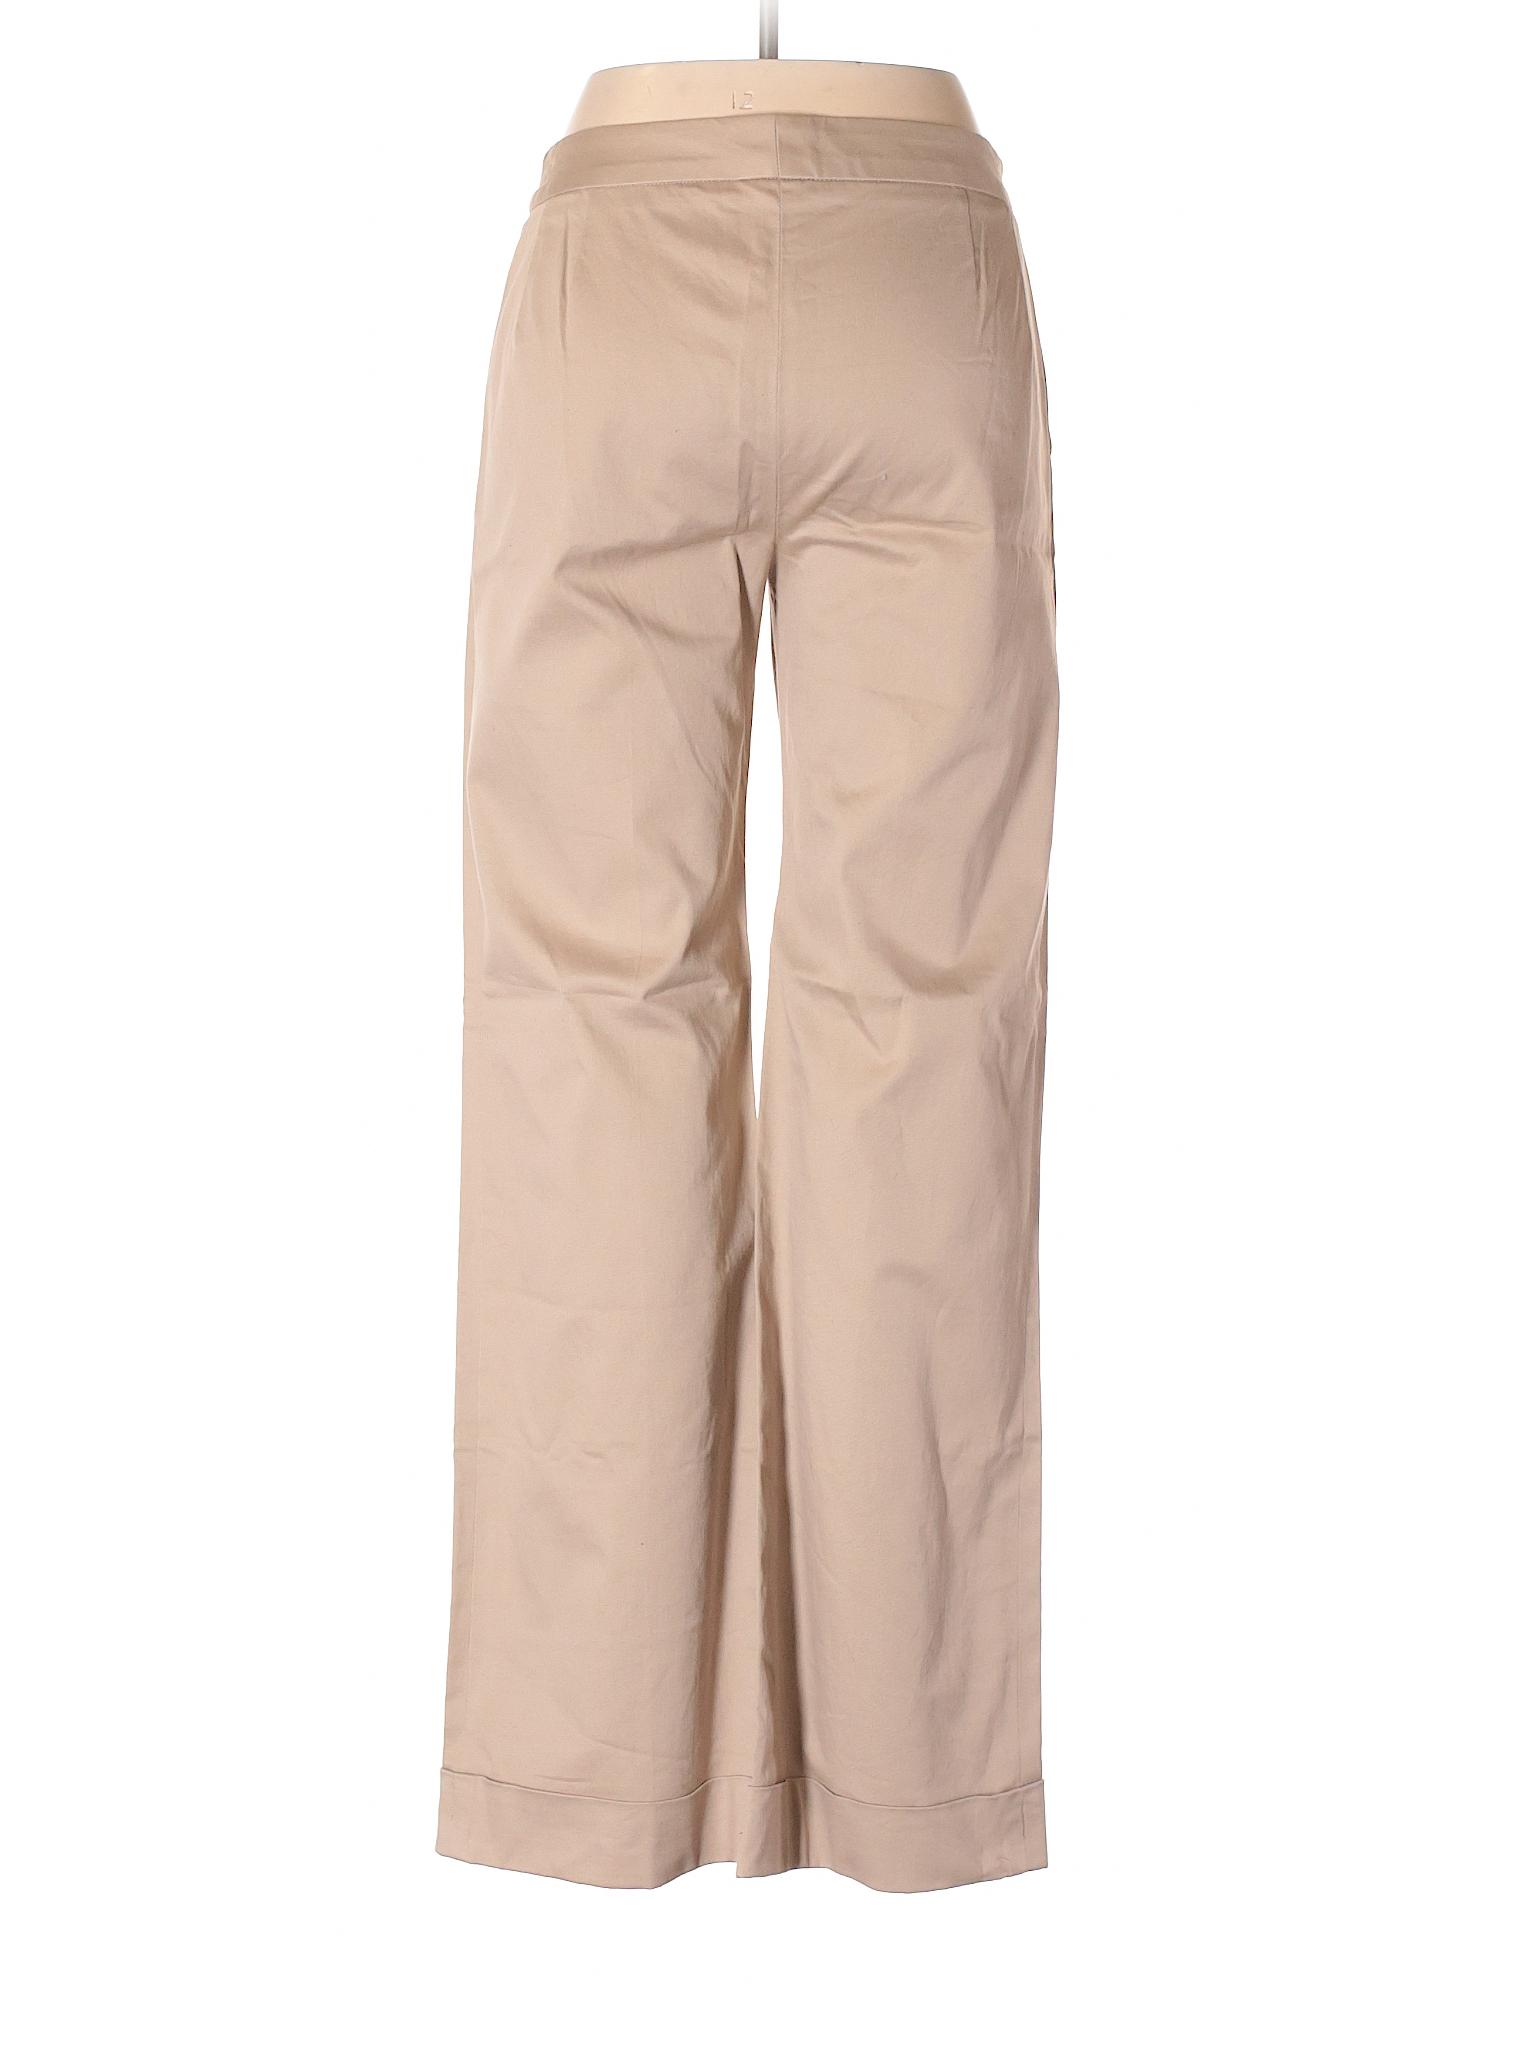 Sander leisure Boutique Dress Pants Jil EY188qCx